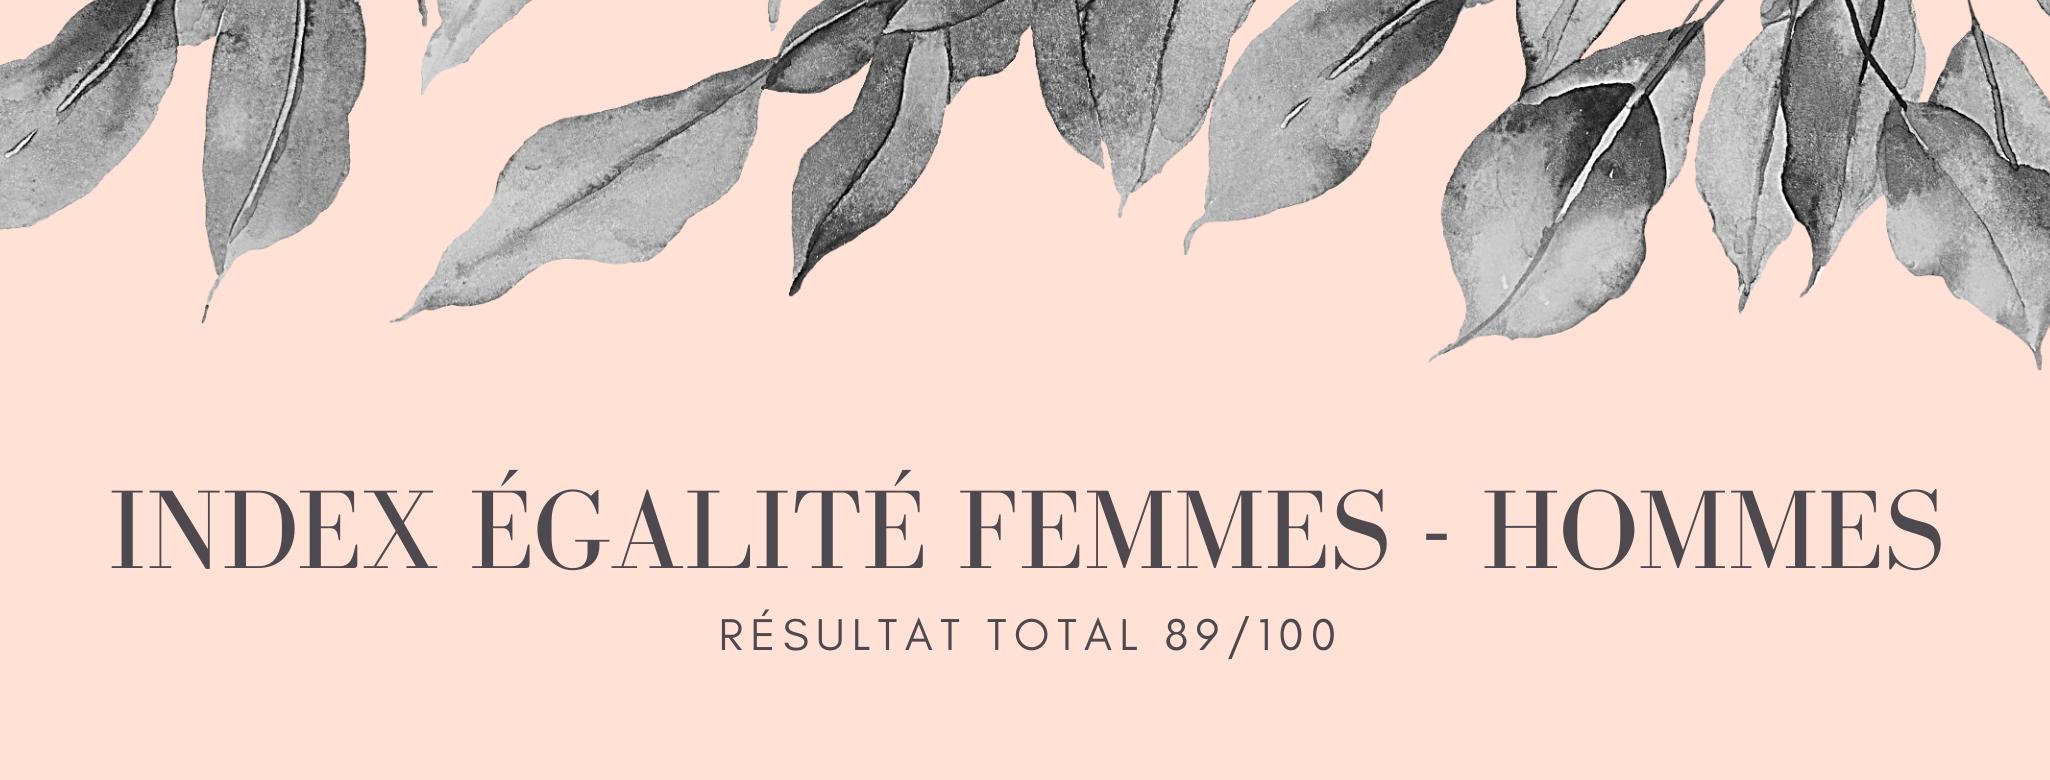 Index égalité femmes - hommes actualisée